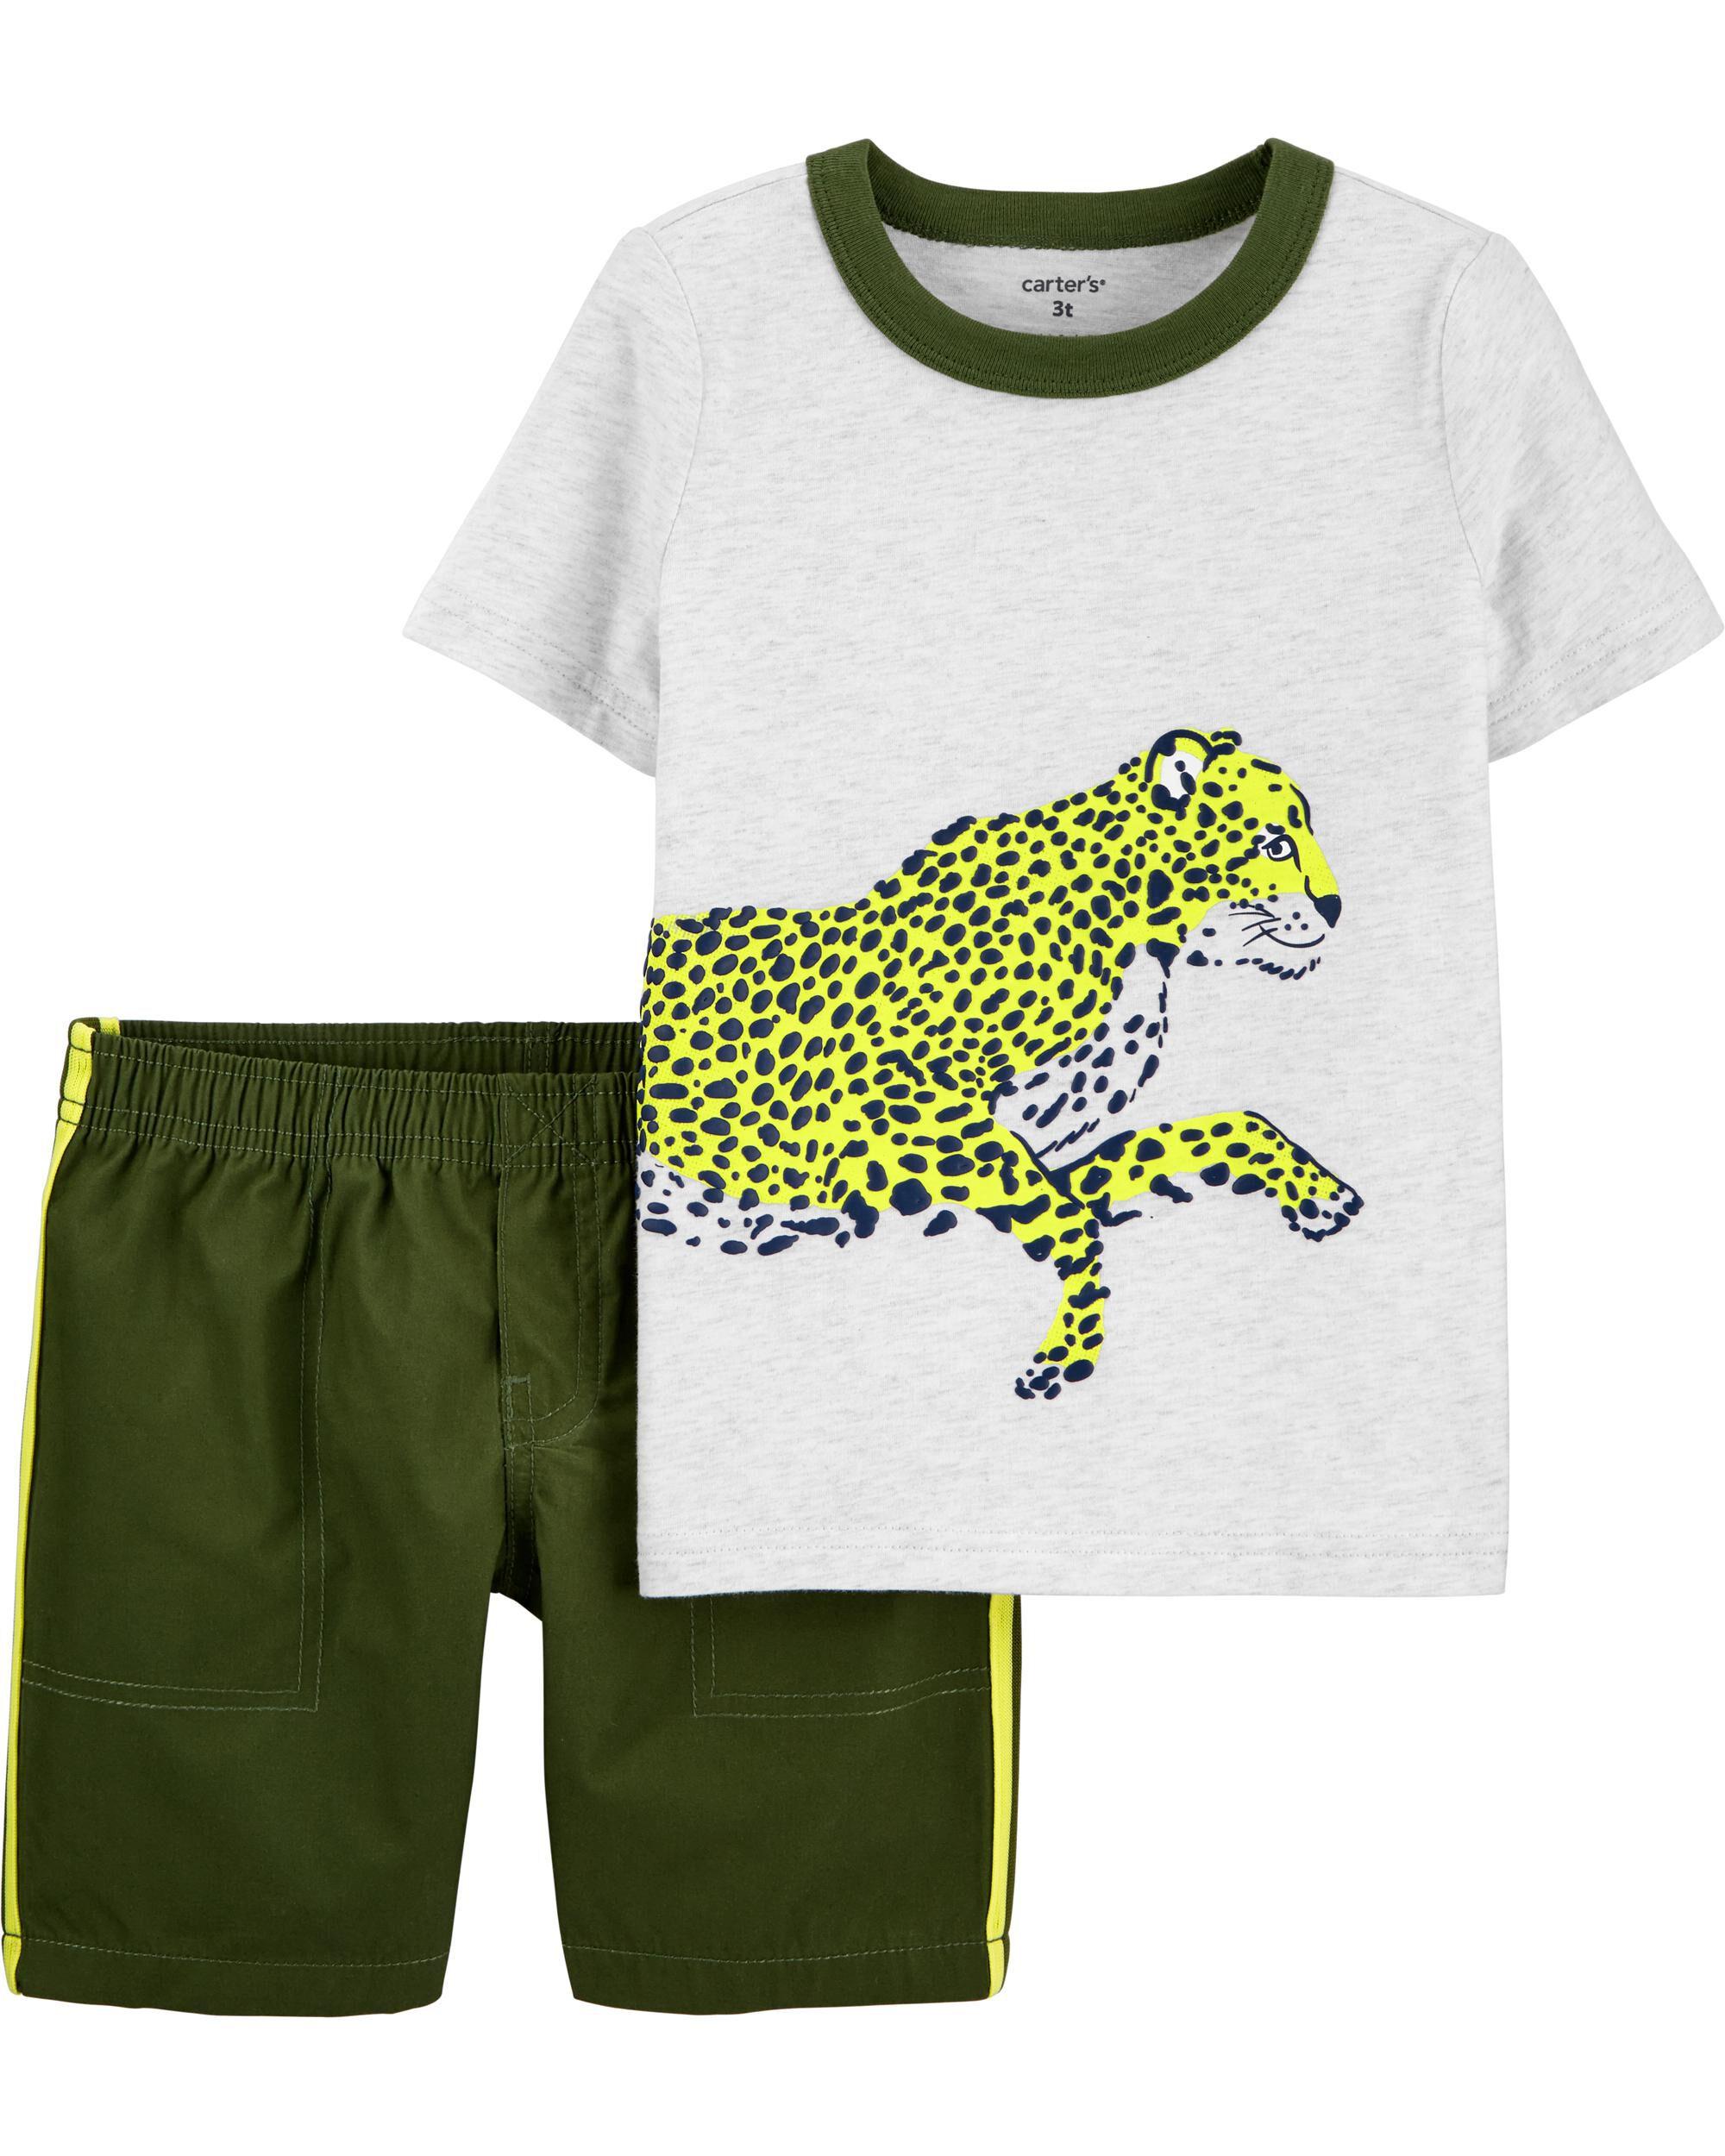 *DOORBUSTER* 2-Piece Cheetah Jersey Tee & Short Set